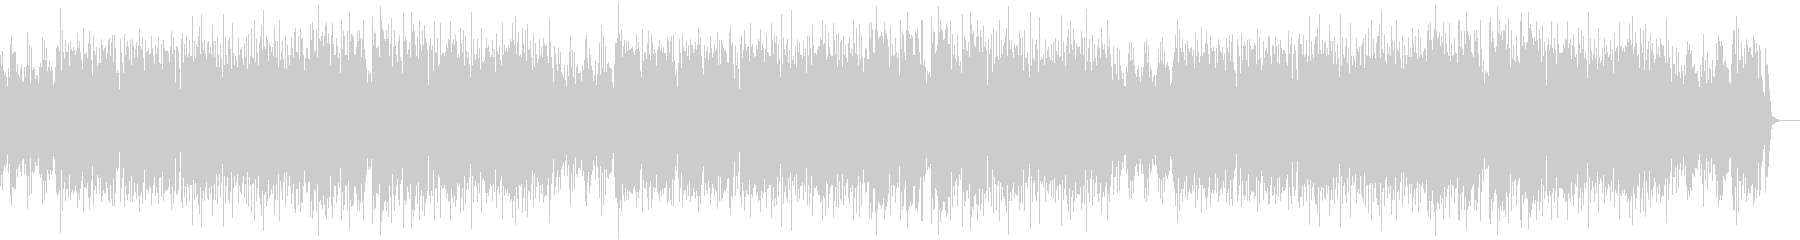 Refreshing violin / quiet / intro 9 seconds's unreproduced waveform